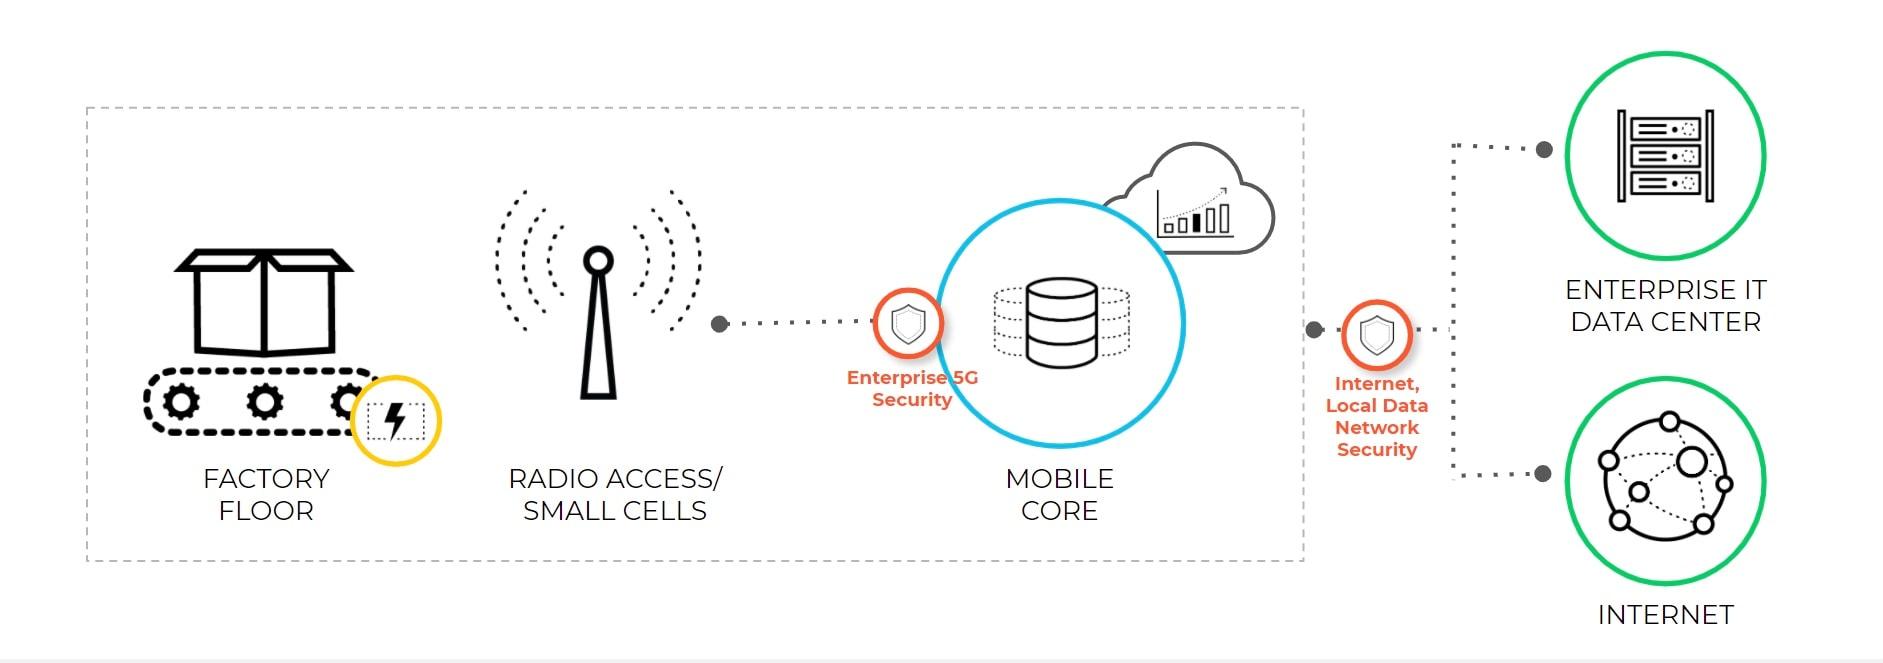 オレンジの円で囲まれた項目は、対応するセルラーIoTセキュリティ、5Gスライスセキュリティ、RANセキュリティ、エッジ クラウド セキュリティ、5Gコアセキュリティ、インターネットセキュリティ、ローミングセキュリティなど、5Gネイティブセキュリティが5Gアーキテクチャ全体でどのように動作するかを示しています。